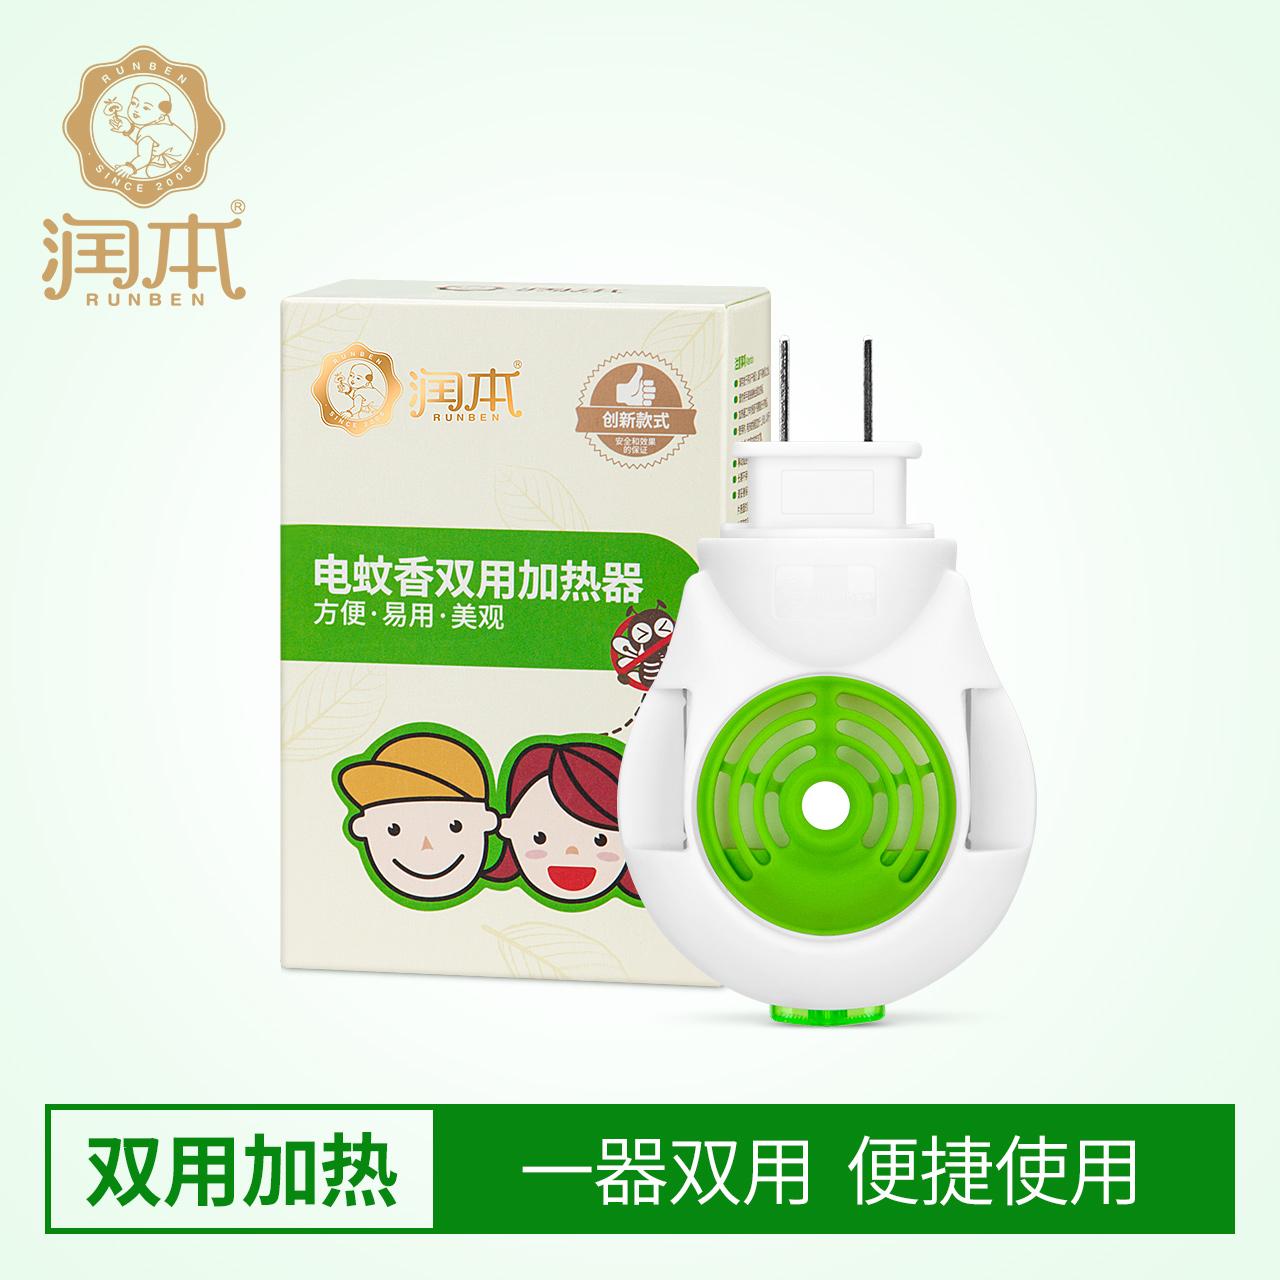 润本电热驱蚊器 双用蚊香器 蚊香片和蚊香液两用 加热器